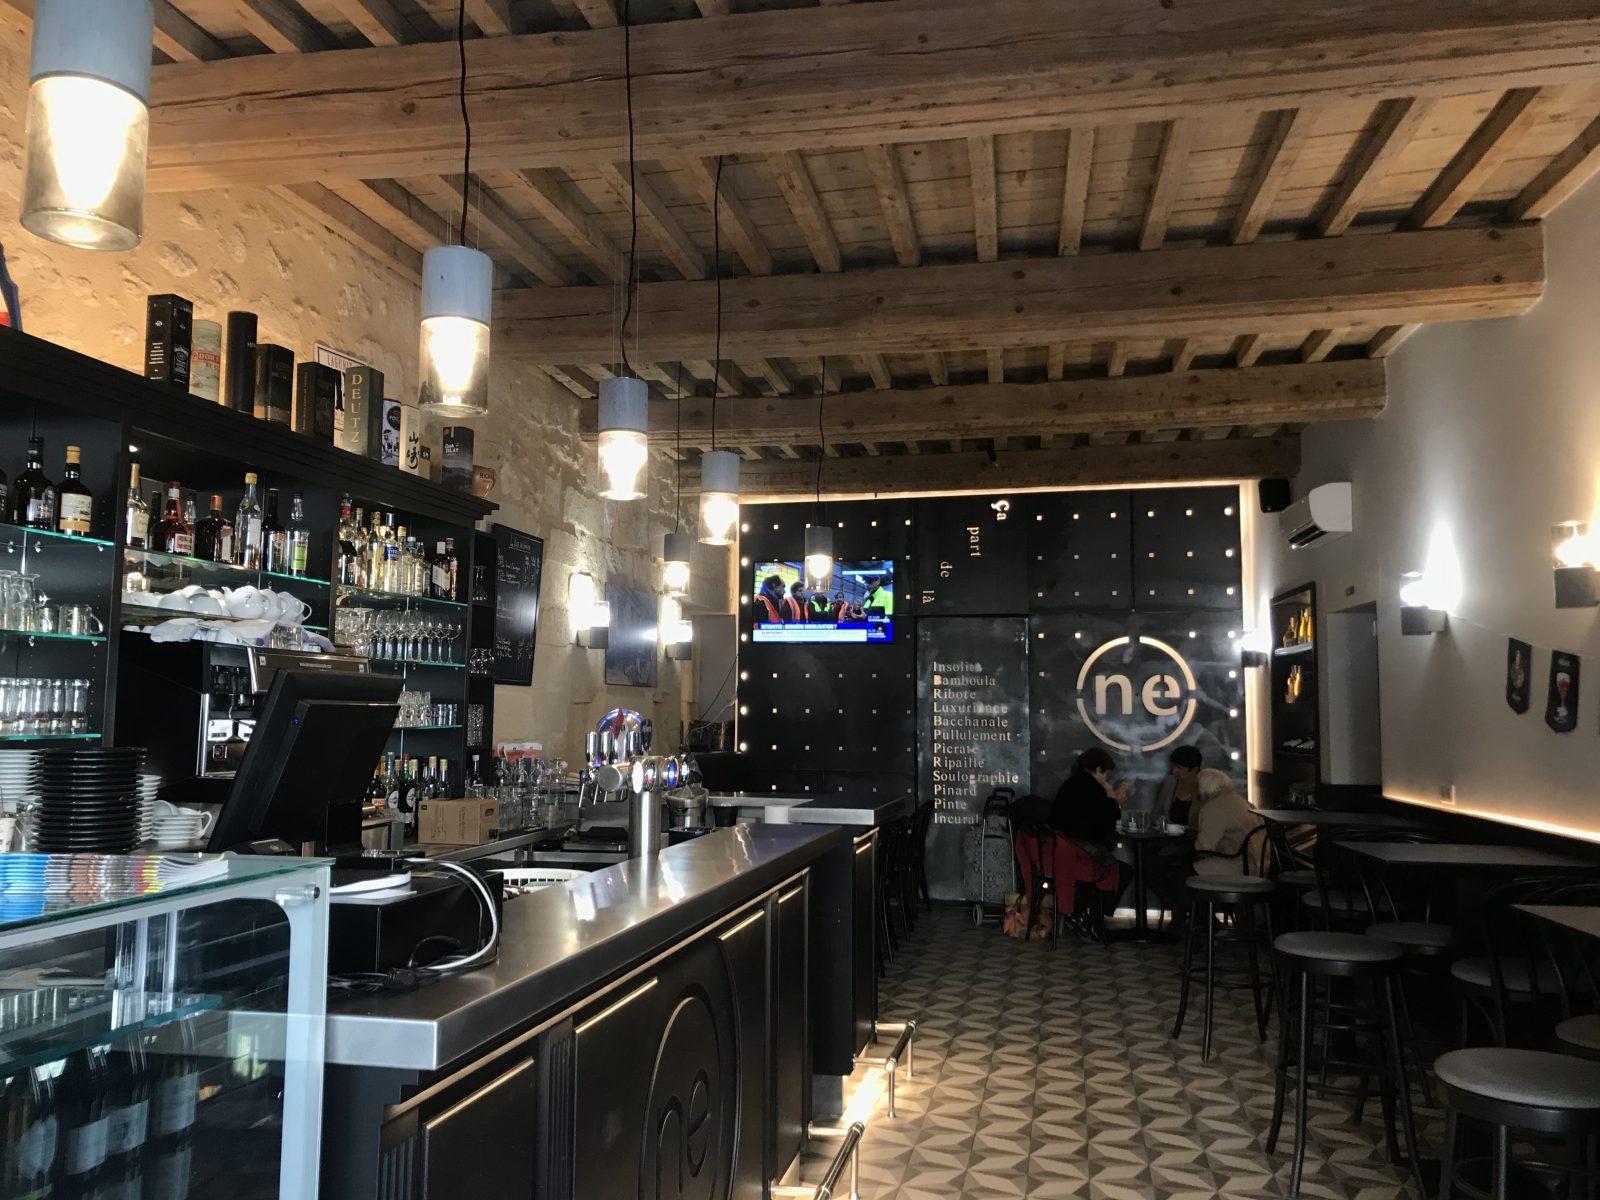 Le One Café